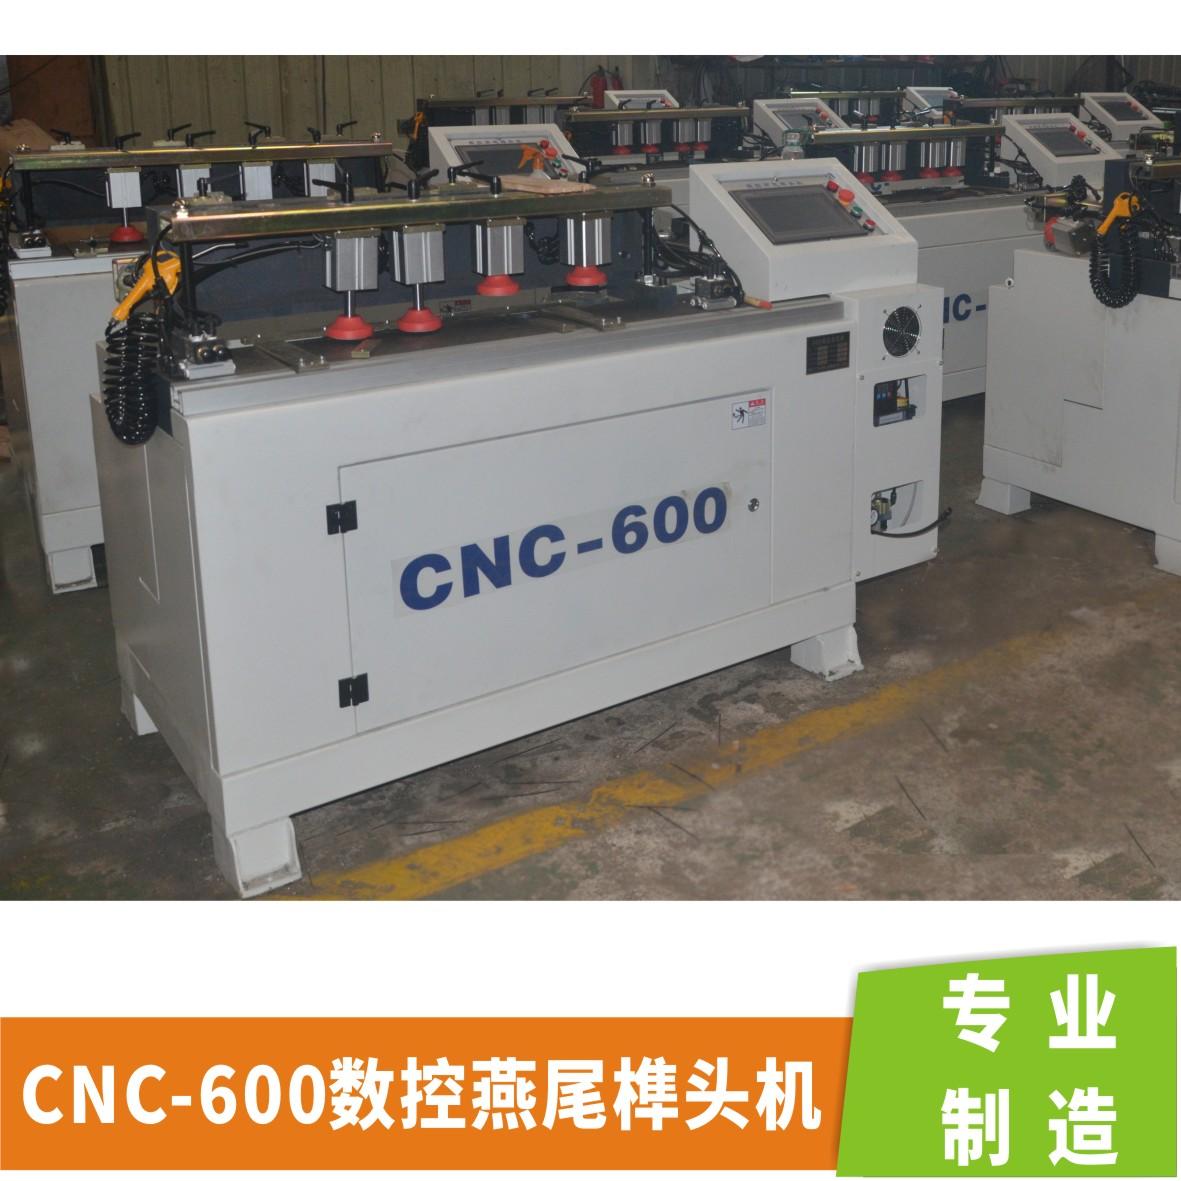 CNC600燕尾榫头机C.jpg